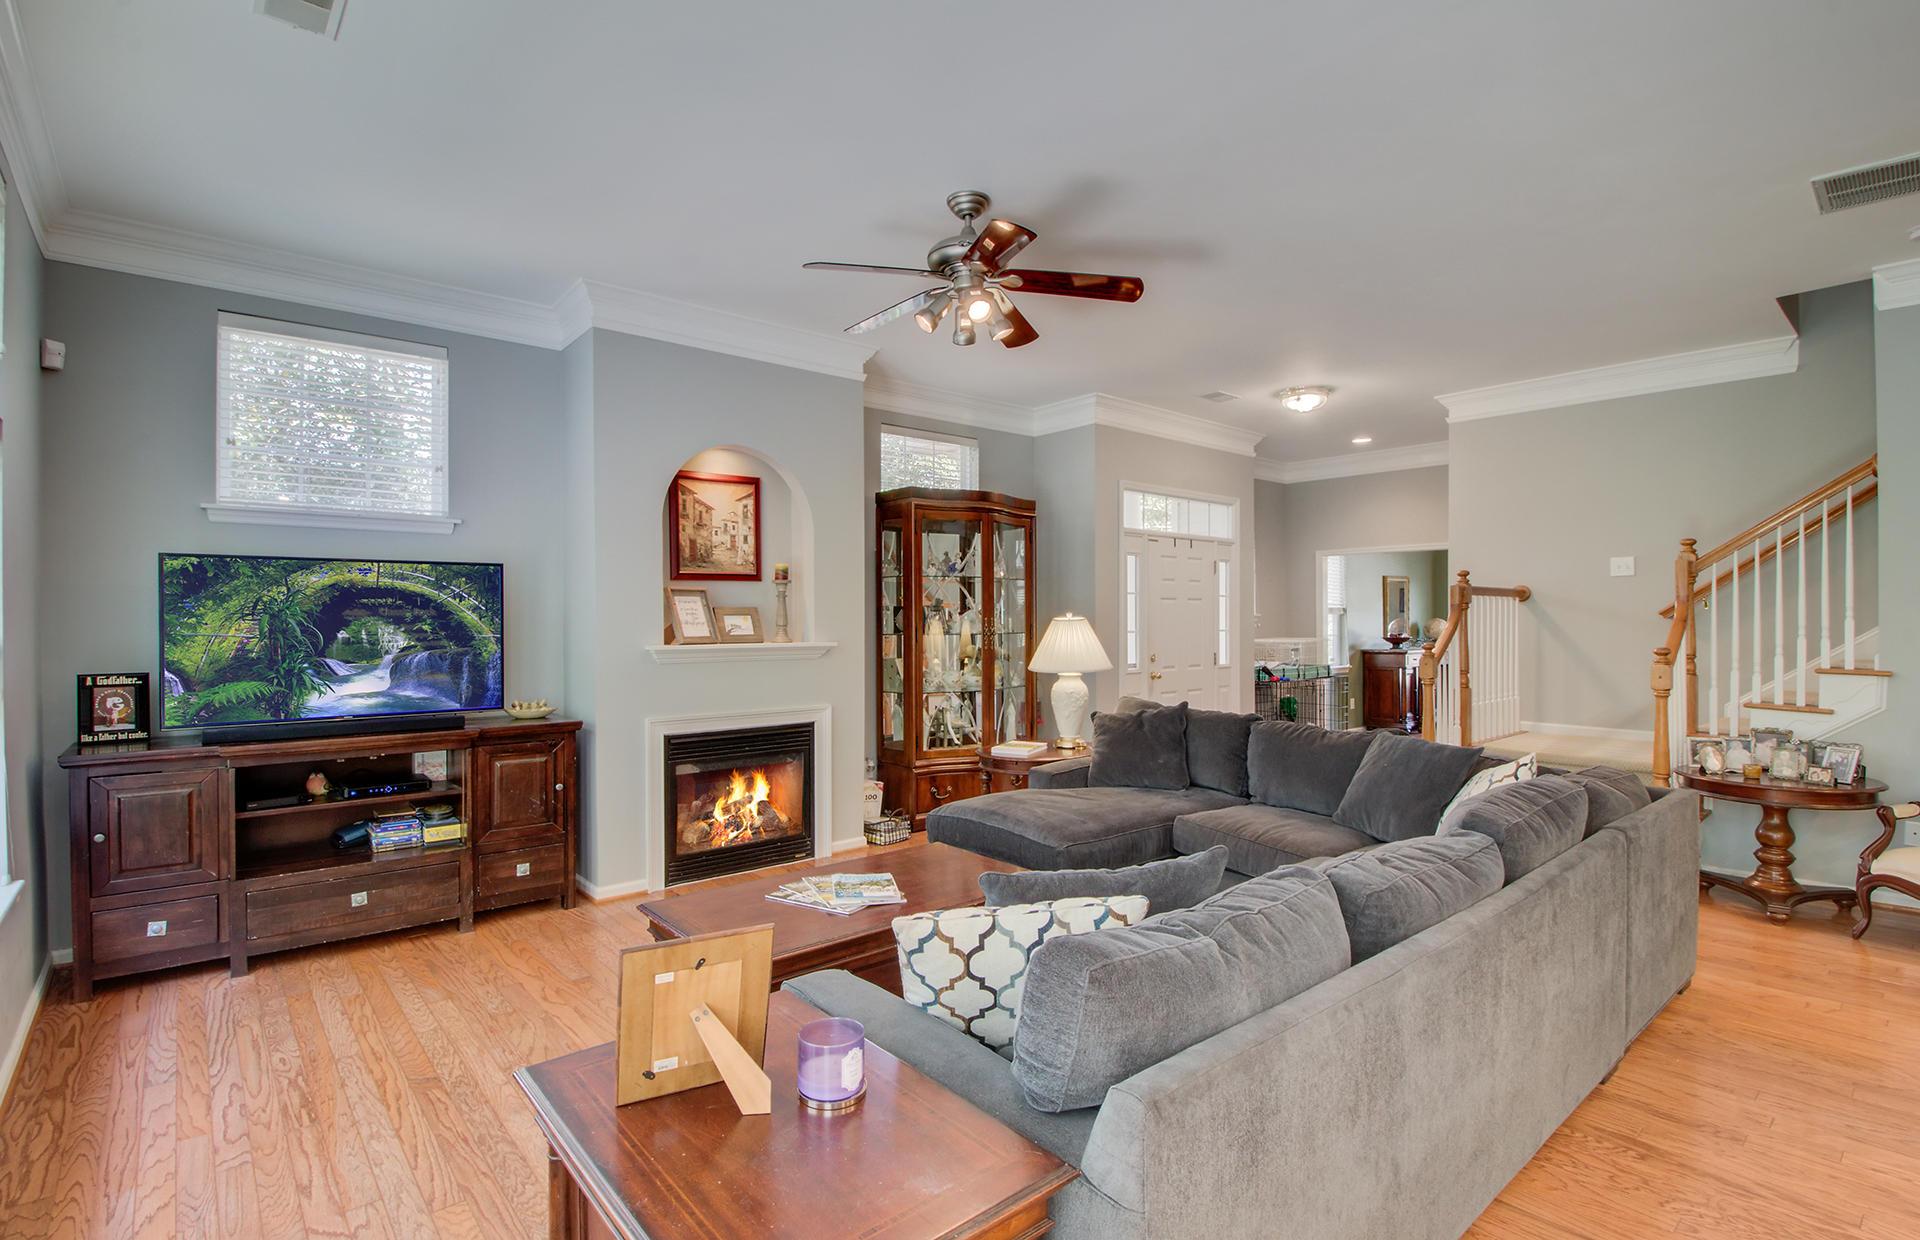 Park West Homes For Sale - 2500 Draymohr, Mount Pleasant, SC - 29